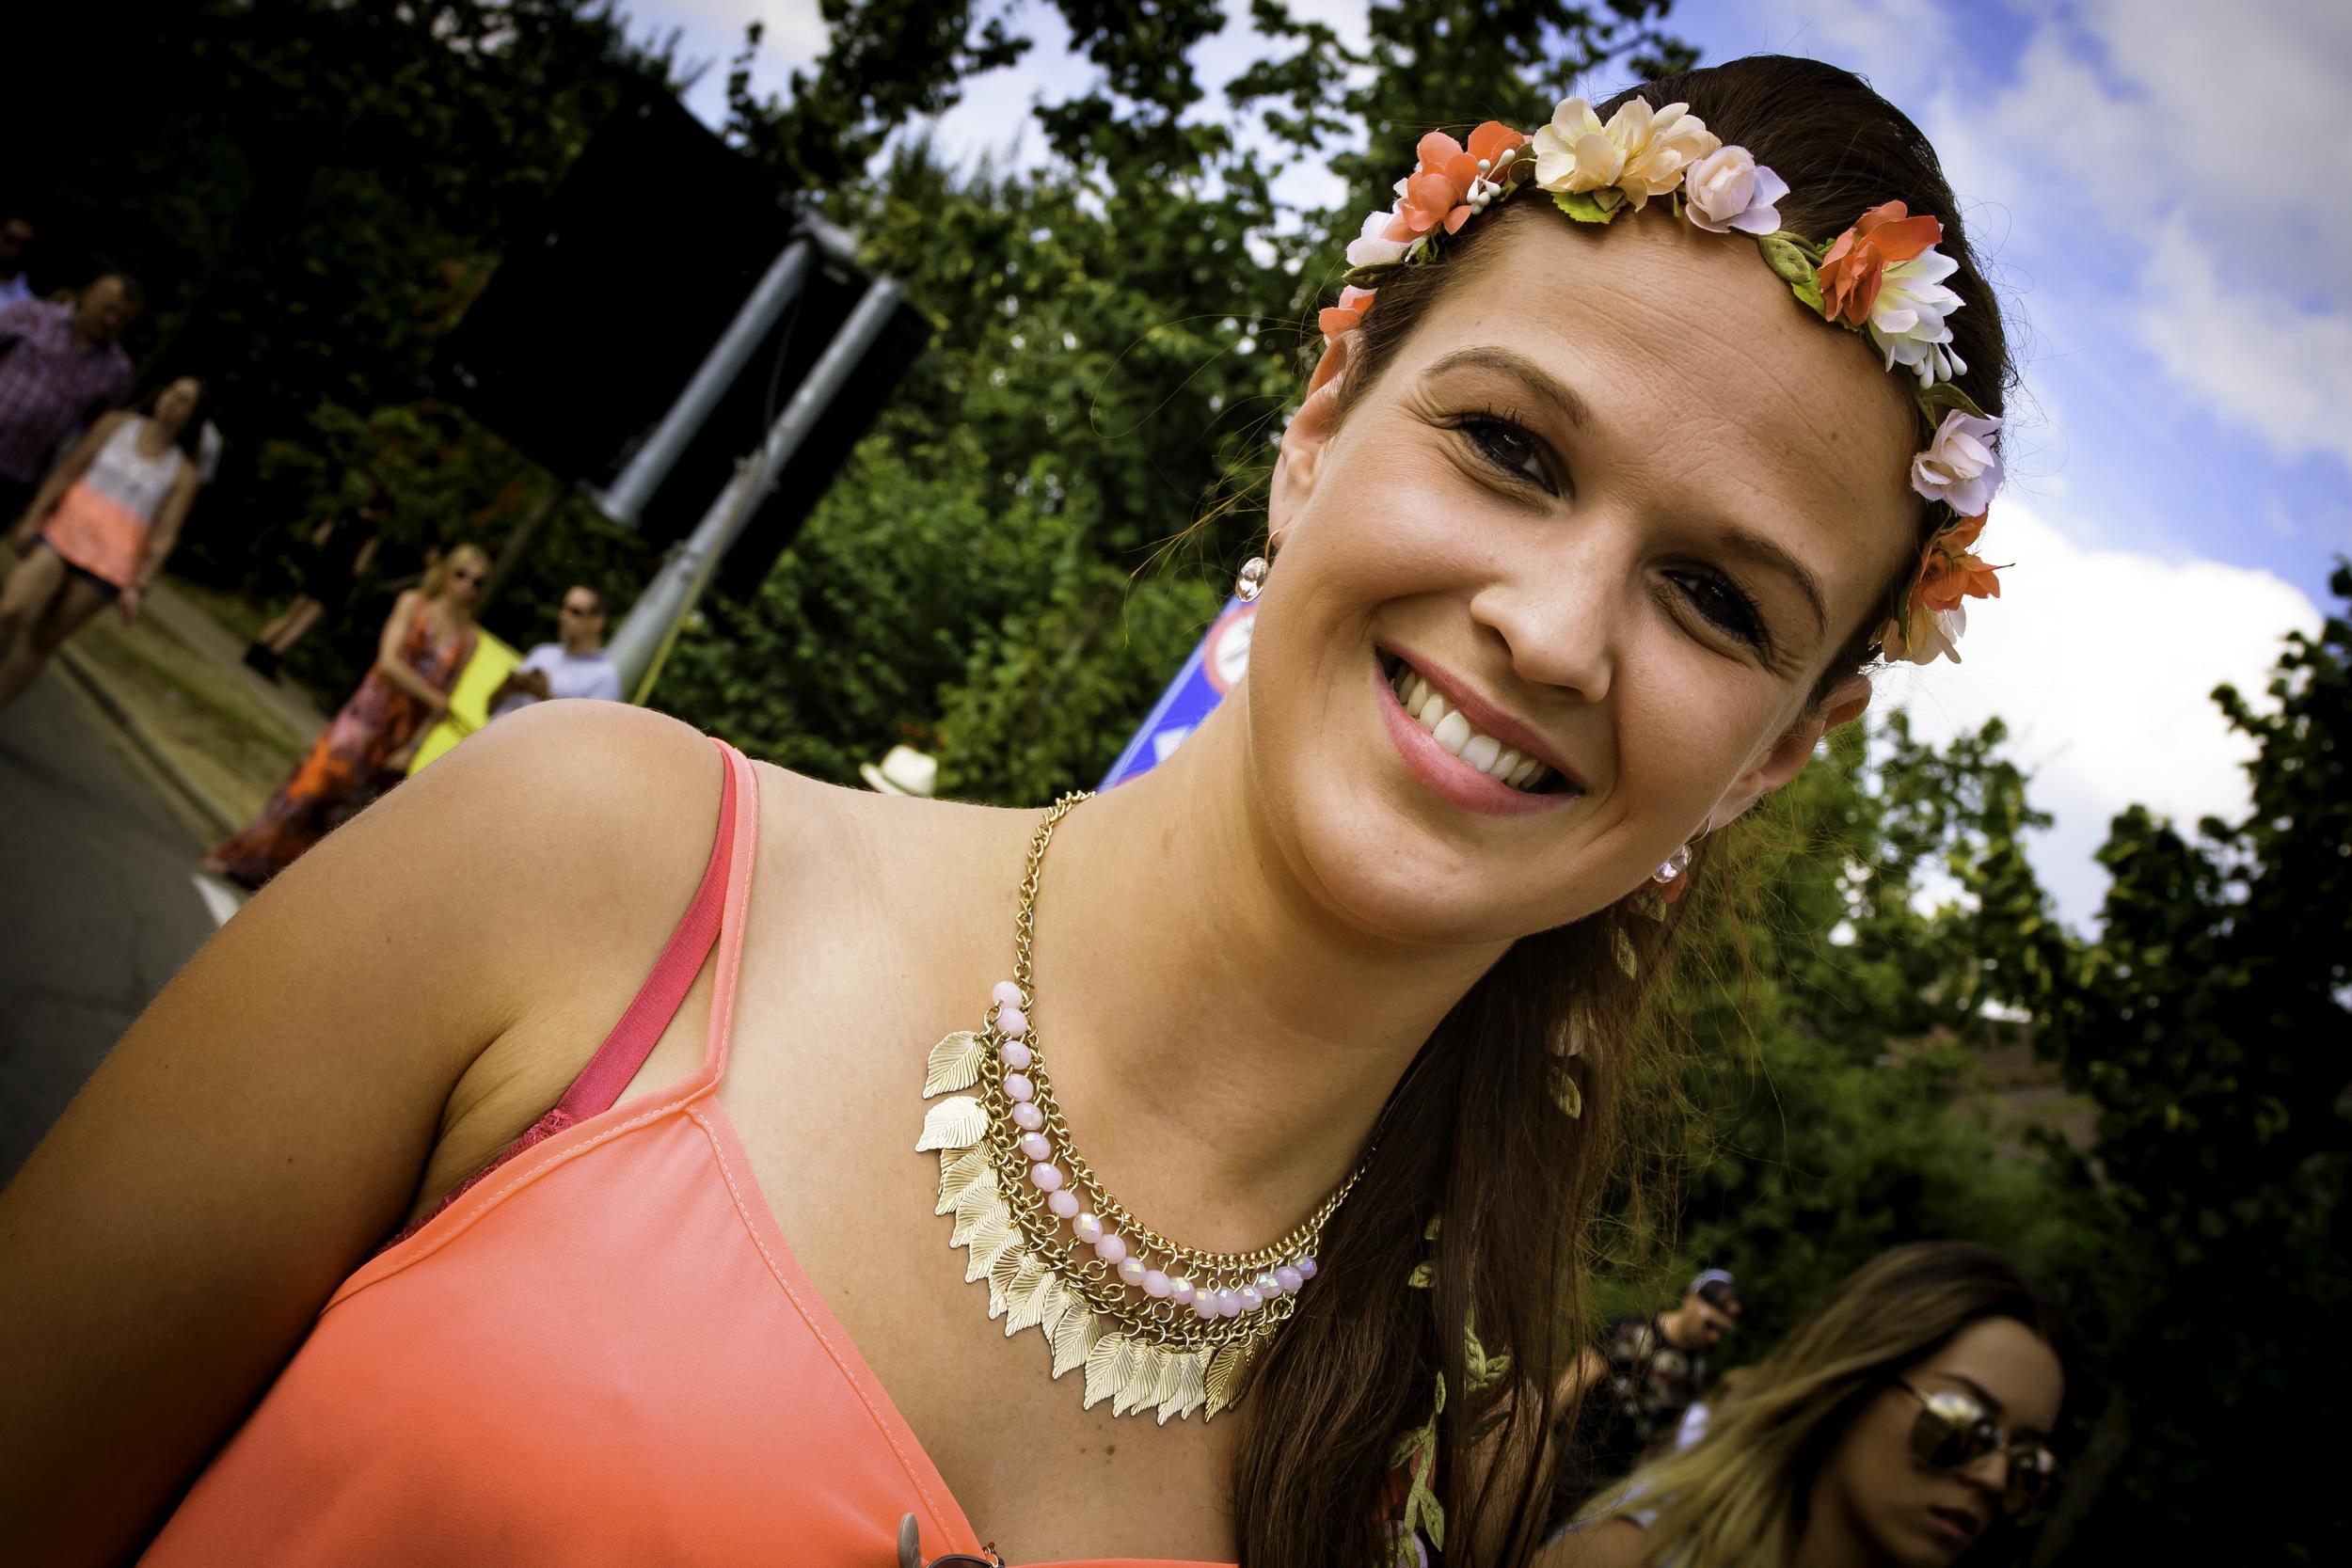 viewfinder-geen-eigenzinnige-fotografie-wel-snapshots-tomorrowland-themadness-2016-flowergirls-okay-no-problem